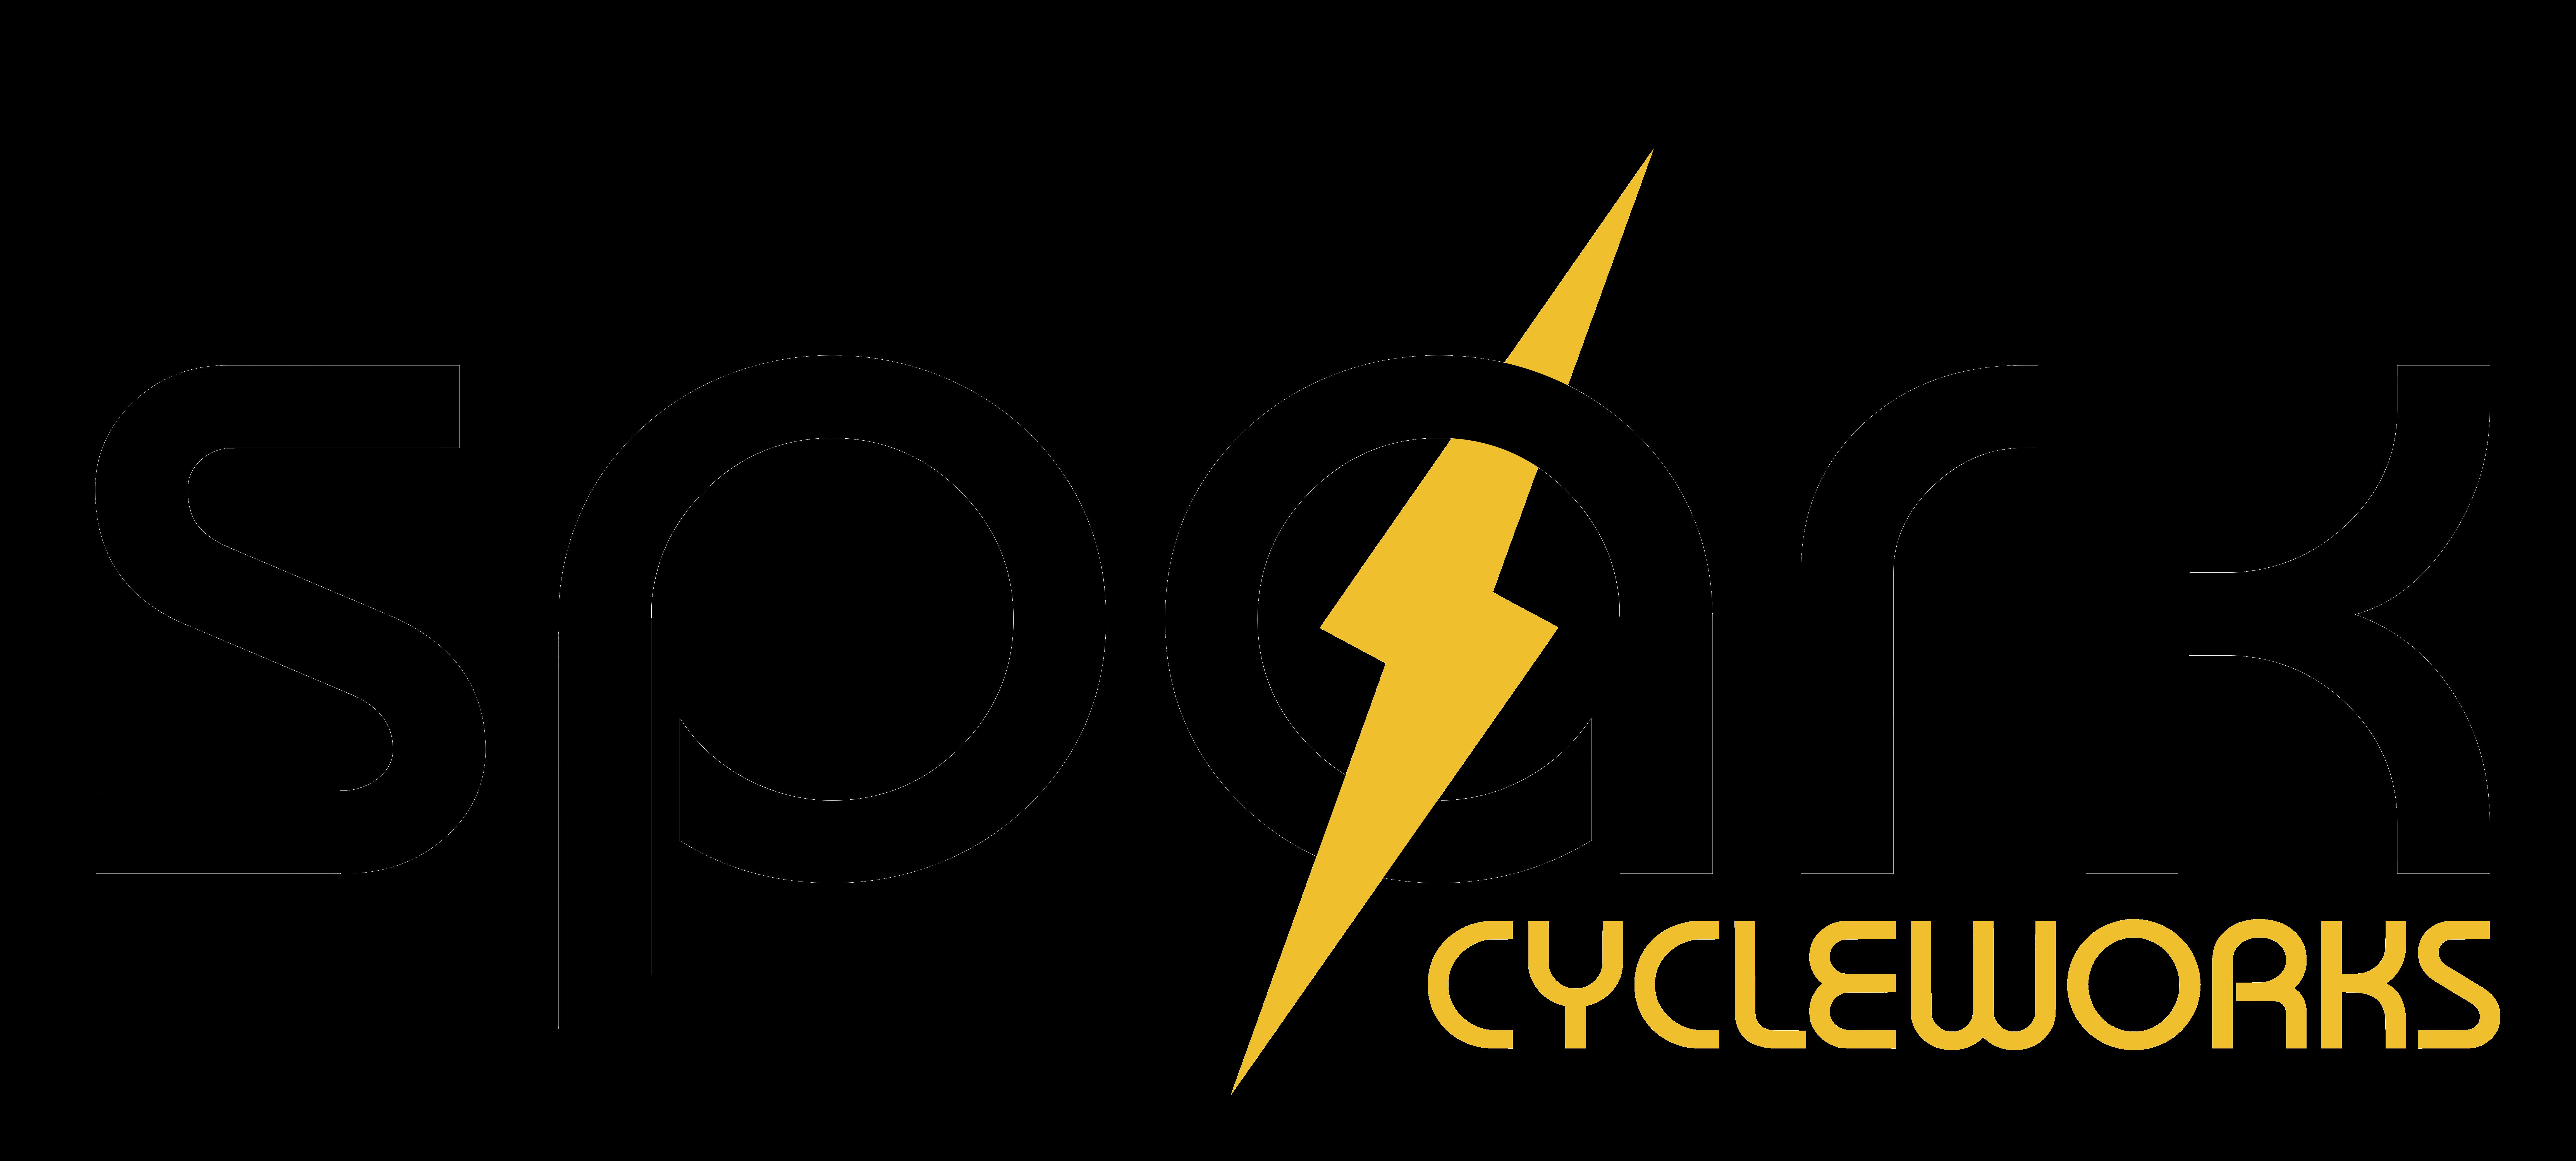 www.sparkcycleworks.com